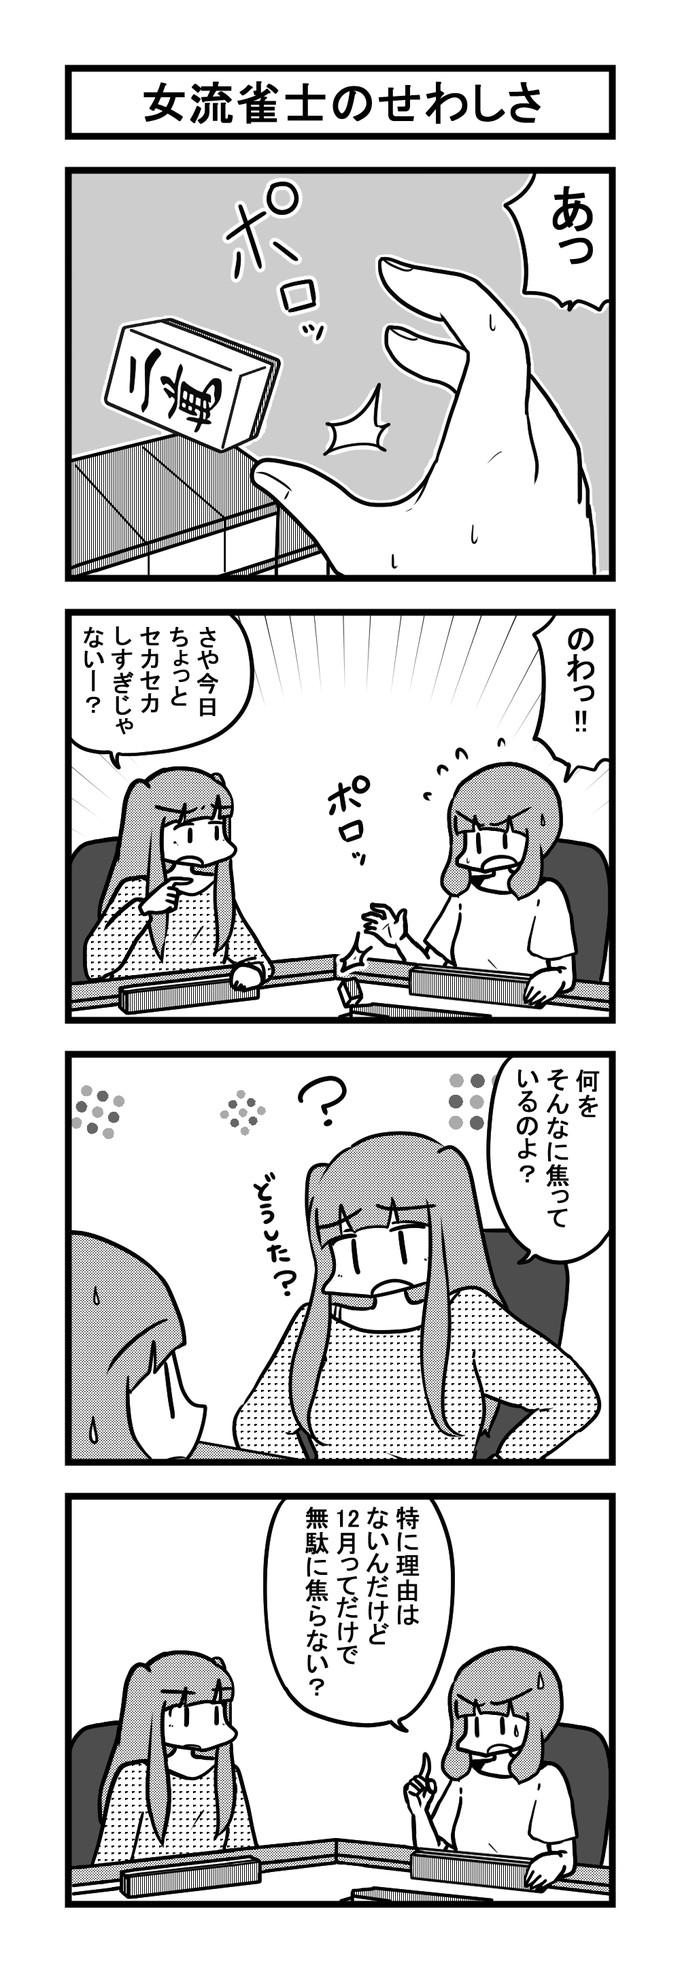 940女流雀士のせわしさ-min